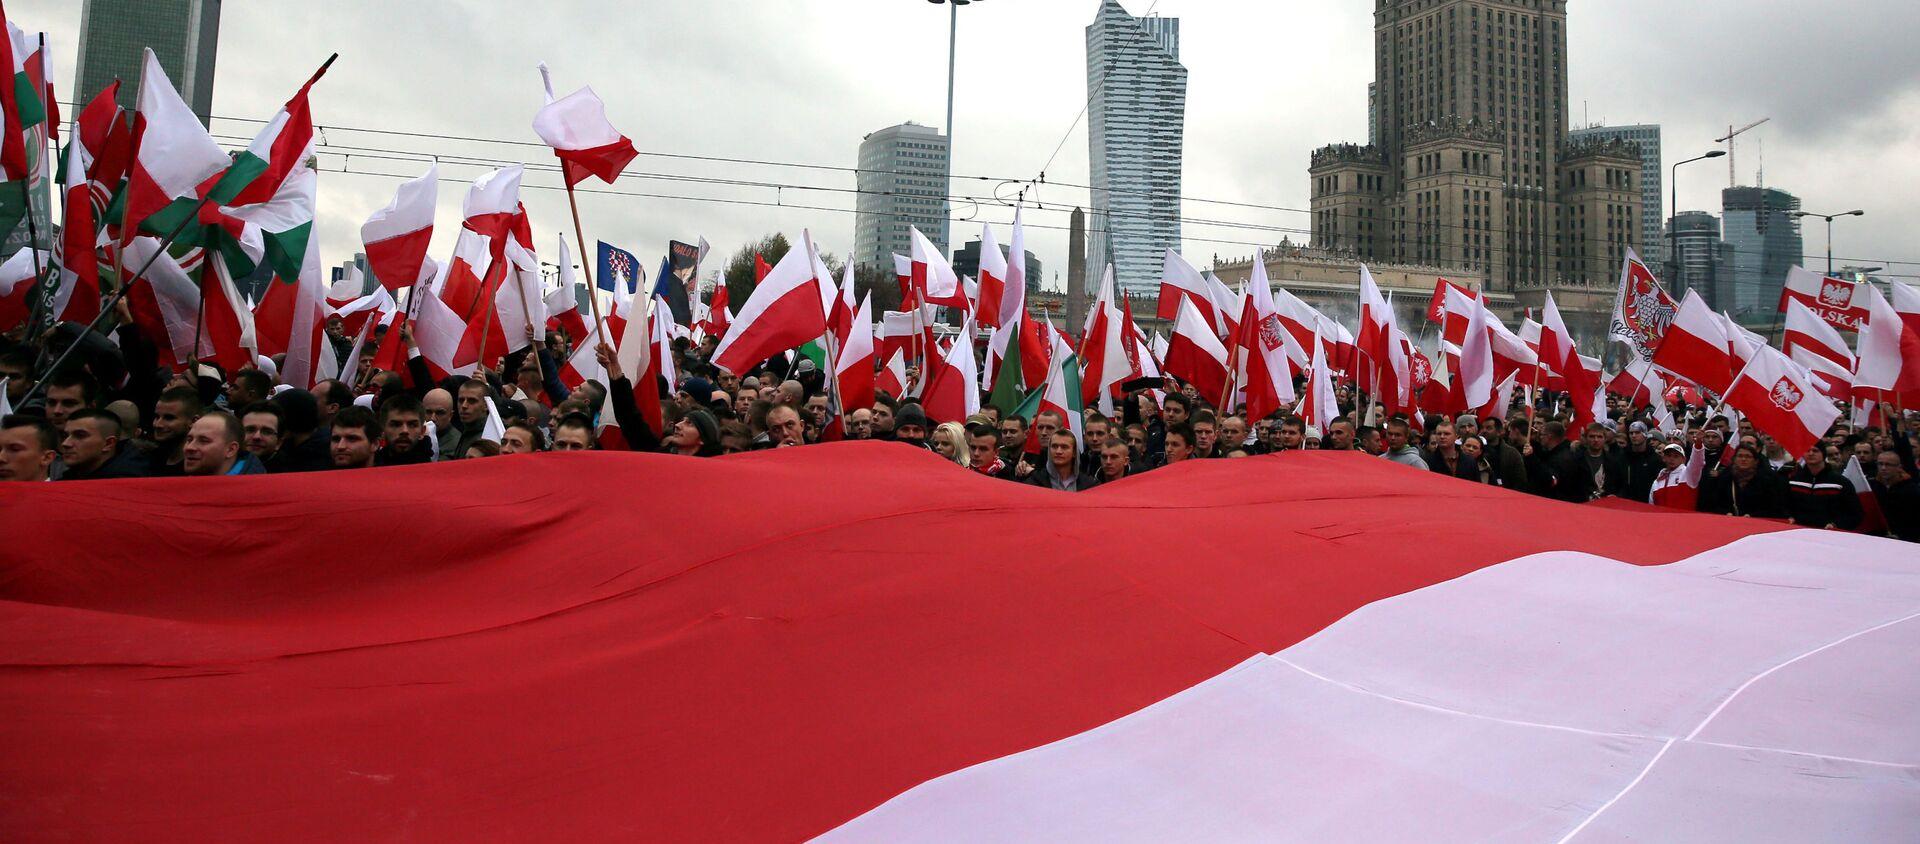 Dzień Niepodległości w Warszawie, 11 listopada 2015 r. - Sputnik Polska, 1920, 14.12.2015